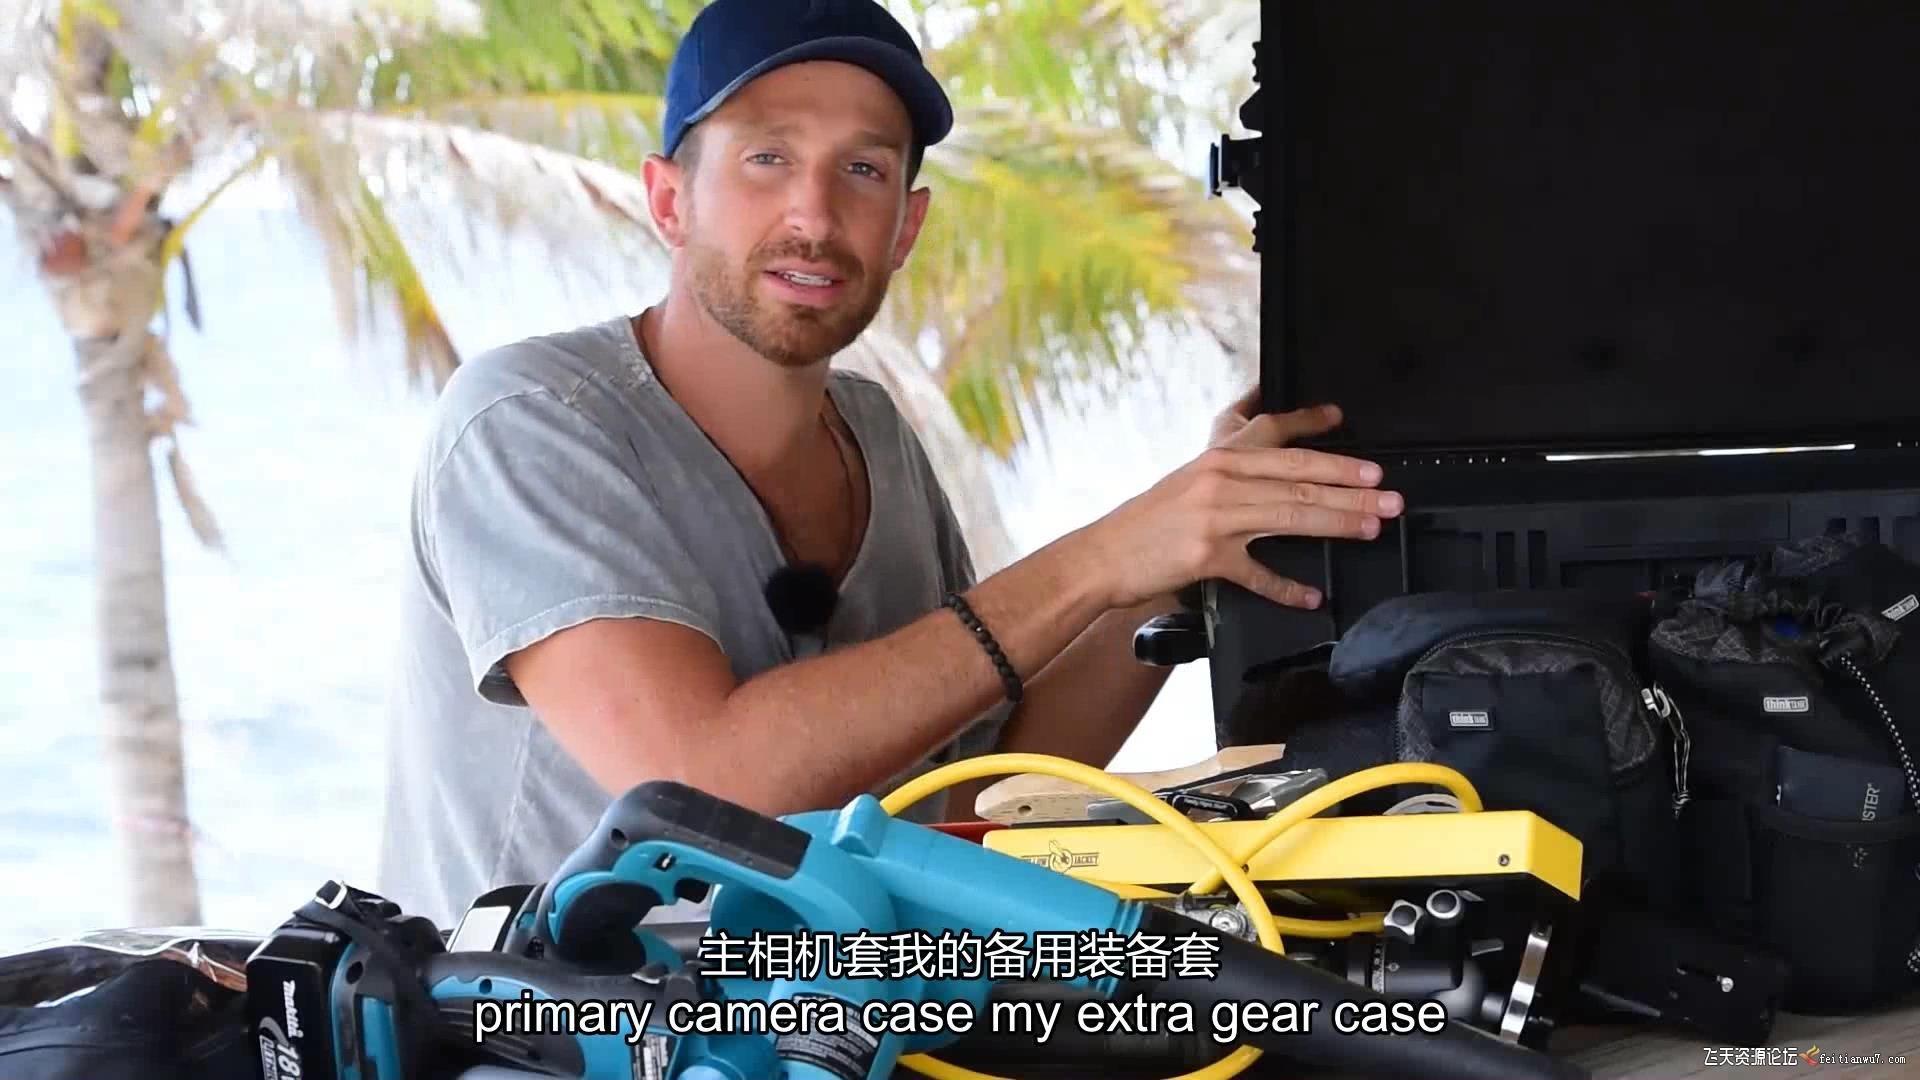 摄影教程_Fstoppers - Joey Wright商业泳装摄影-布光摆姿修饰教程(中英字幕) 摄影教程 _预览图3